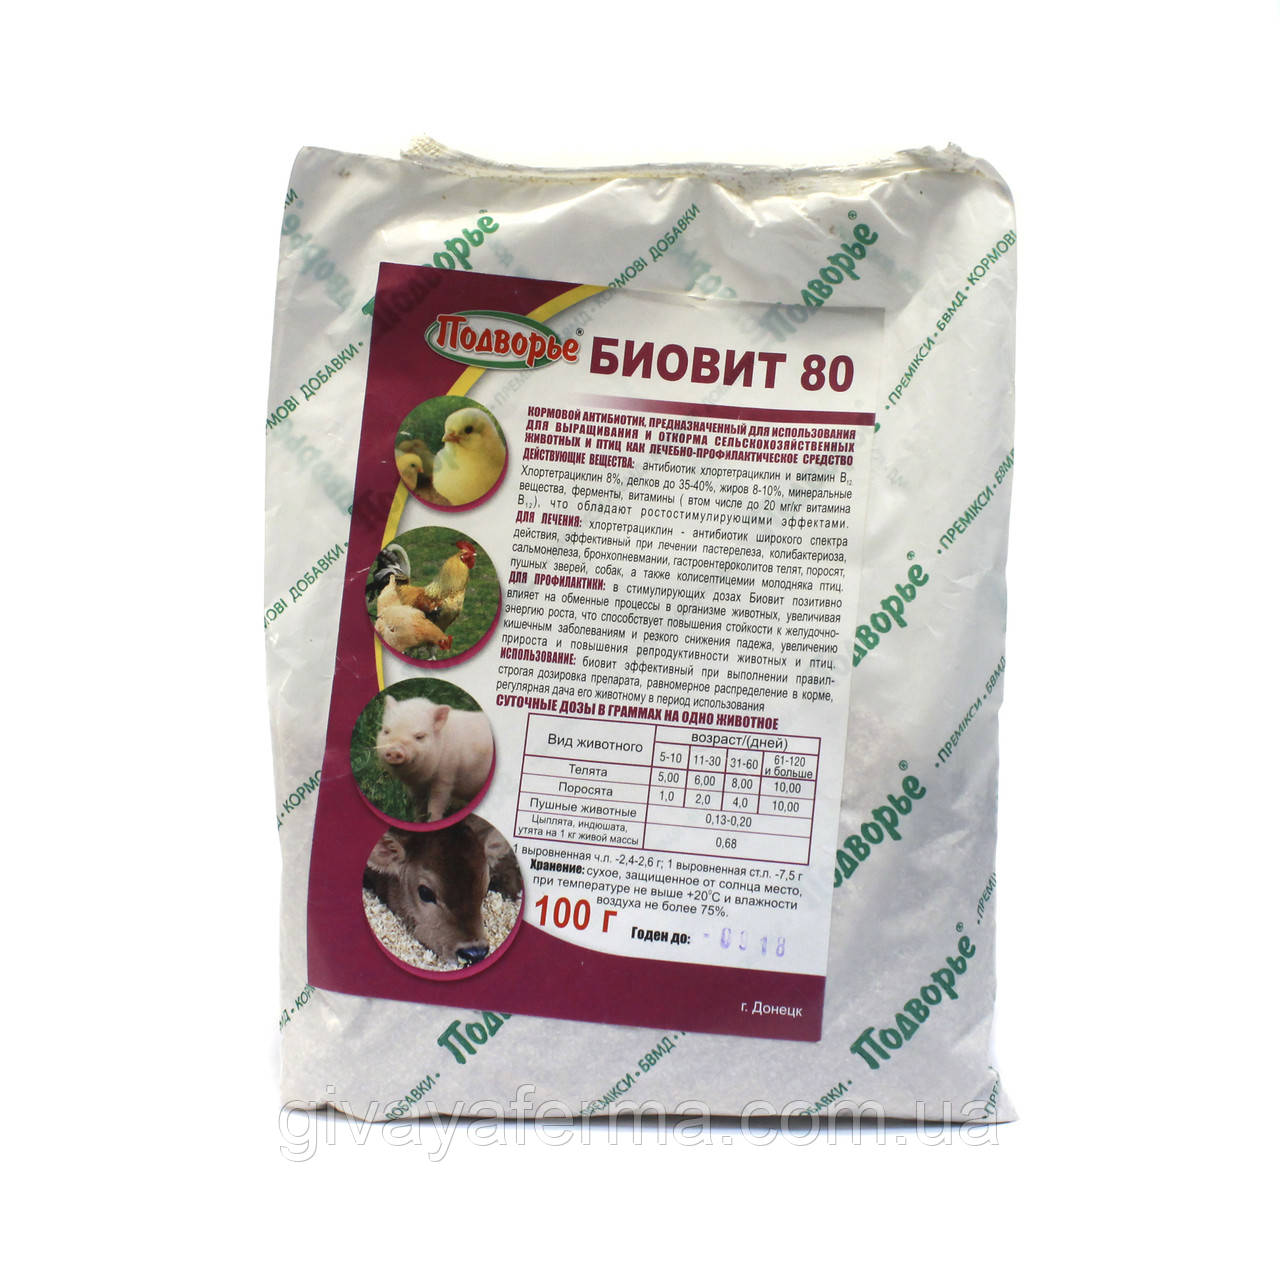 Кормовой антибиотик Биовит-80, 100 гр (при выращивании и откорме сельхоз животных и птиц)